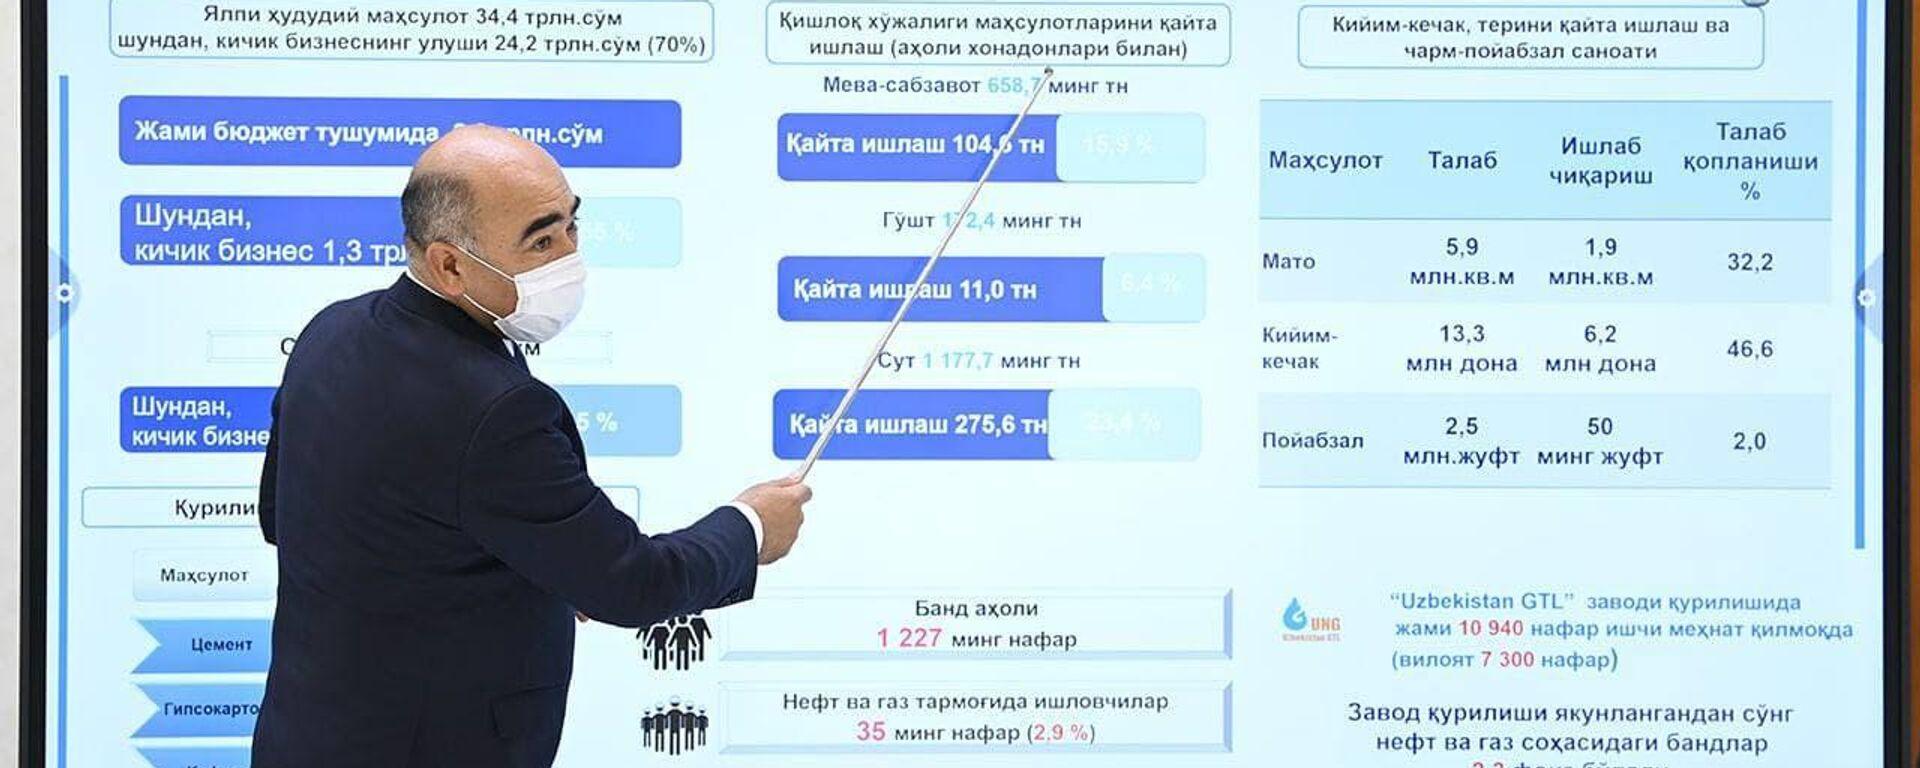 Шавкат Мирзиёев ознакомился с презентацией инвестиционных проектов, которые планируется реализовать в Кашкадарьинской области и электроэнергетической отрасли.   - Sputnik Узбекистан, 1920, 16.03.2021